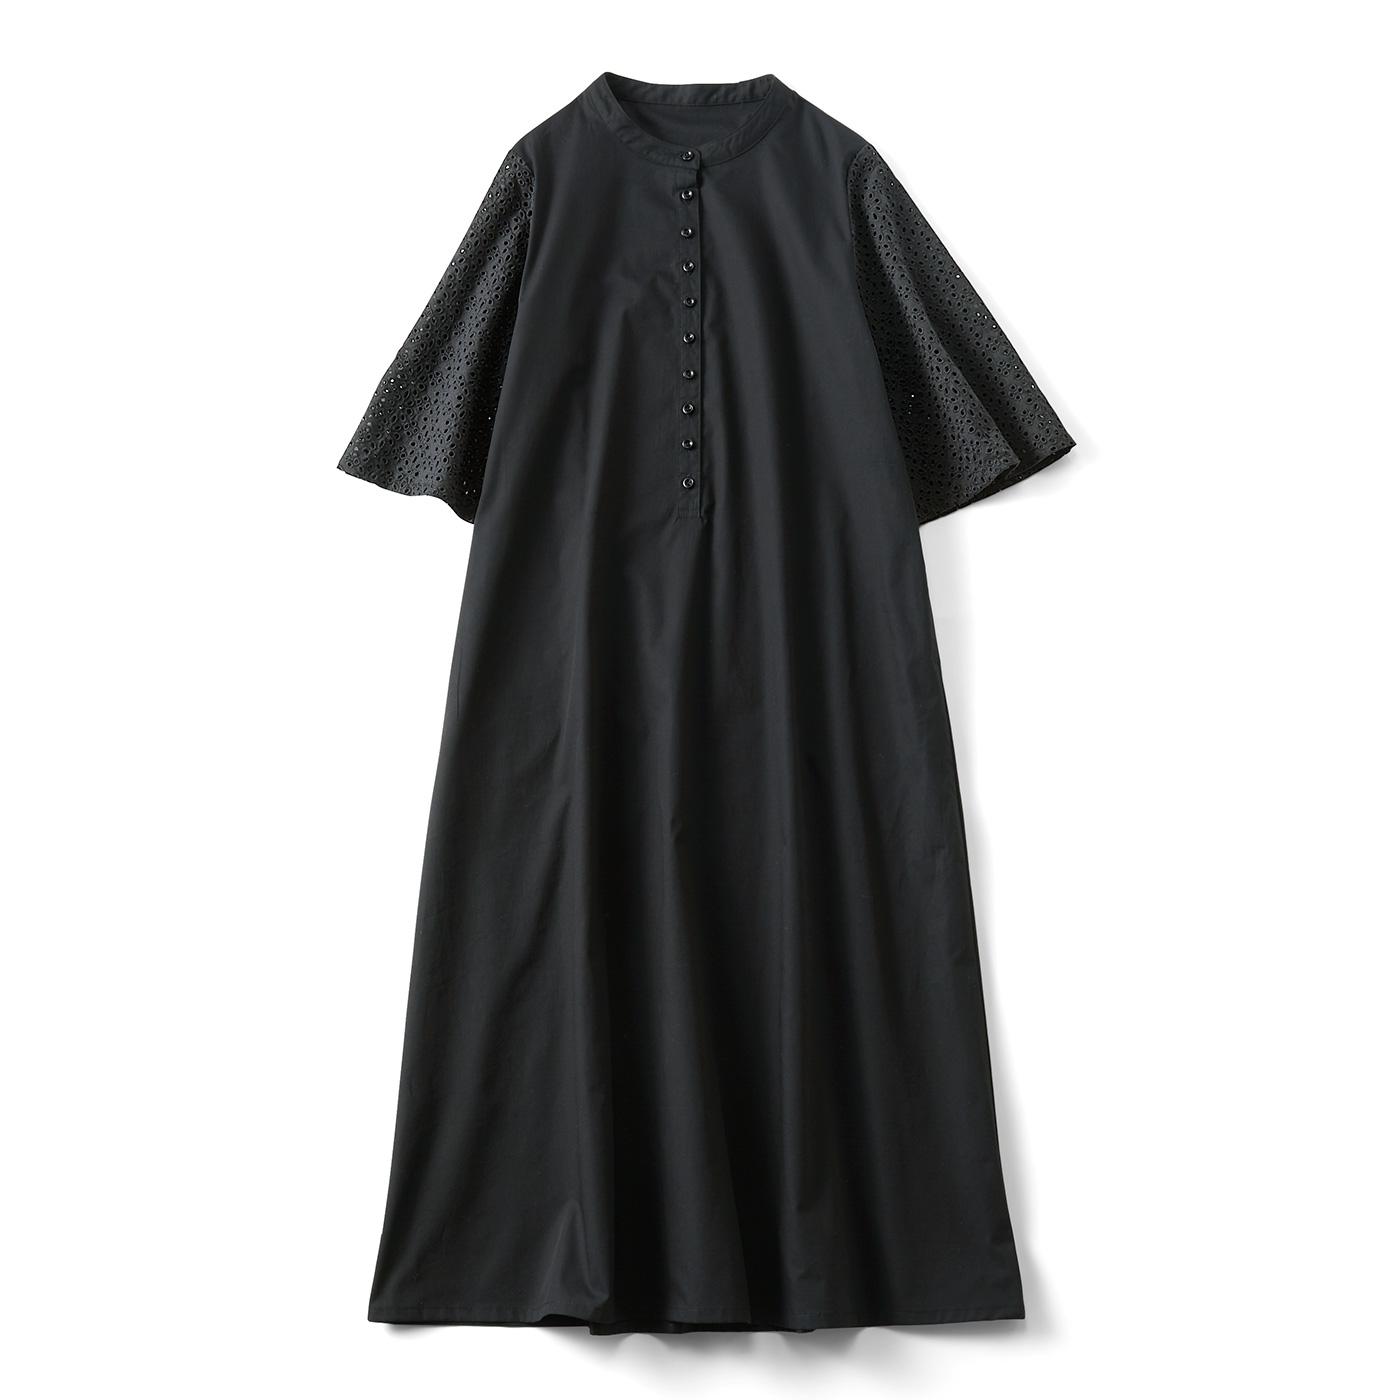 【3~10日でお届け】ひらりんアイレット袖のワンピース